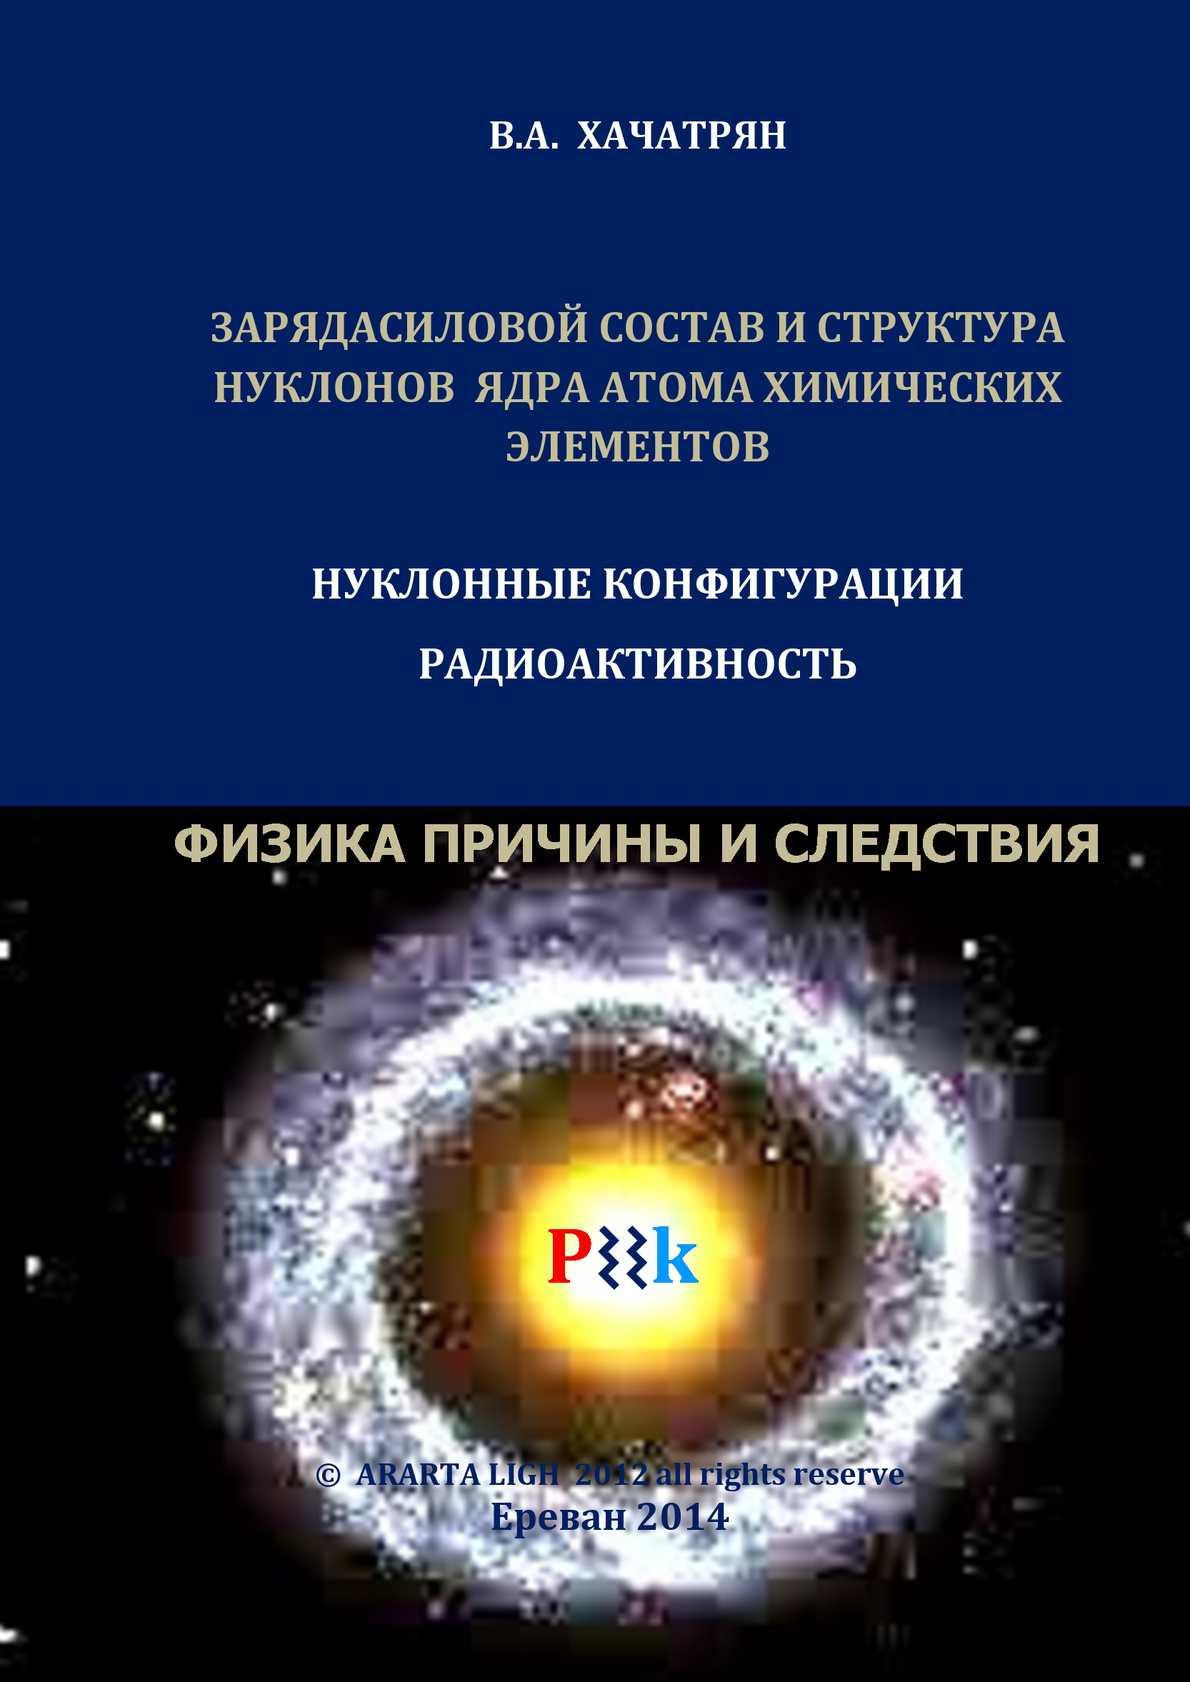 Стратегические ядерные силы российской федерации